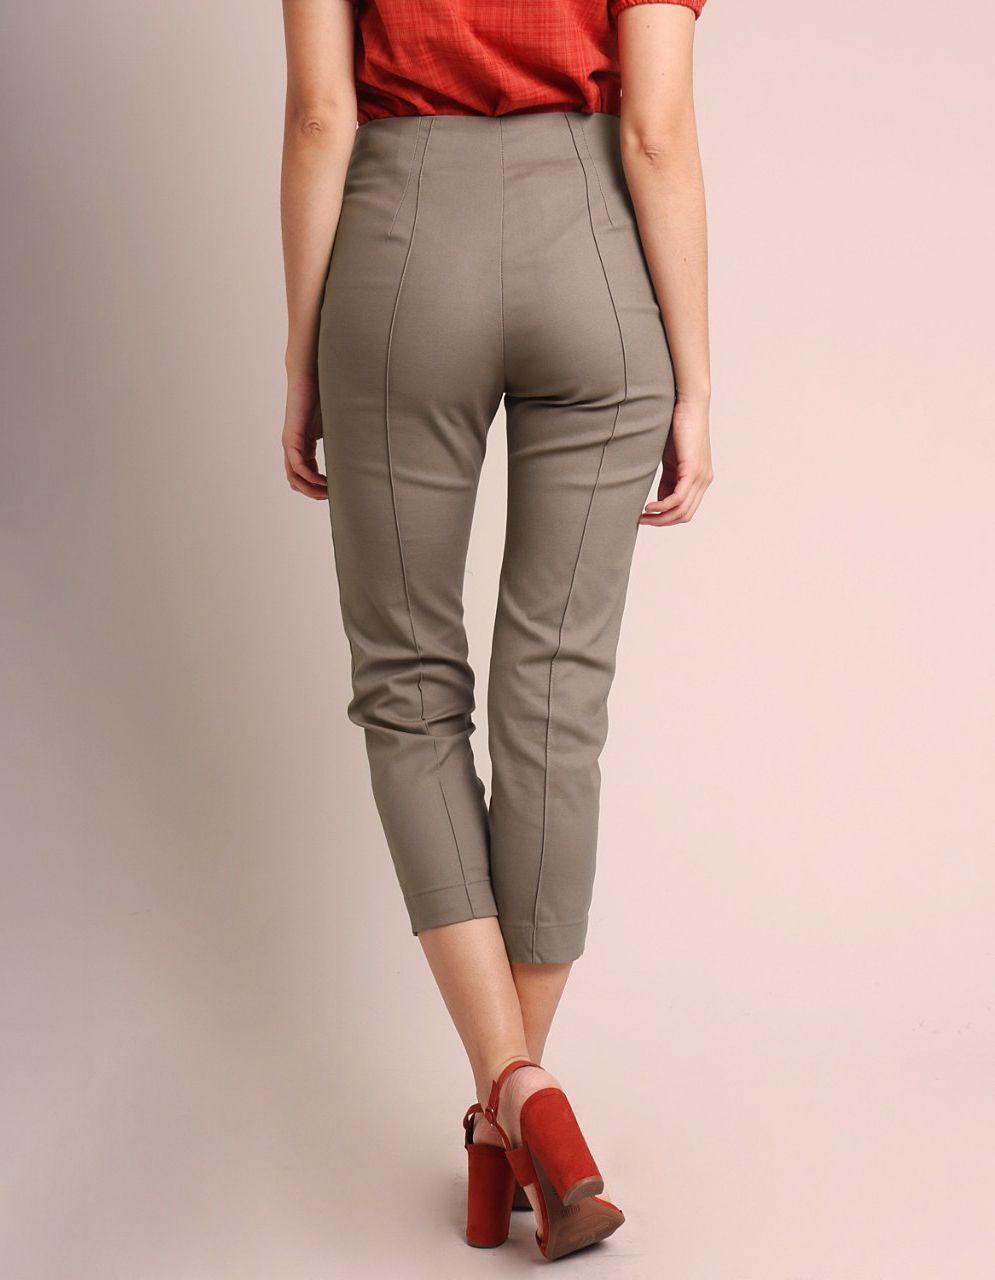 Pantalón Capri algodón marrón, azul oscuro o gris, cremallera frontal y bolsillos laterales Malagueta-72143MAL-D